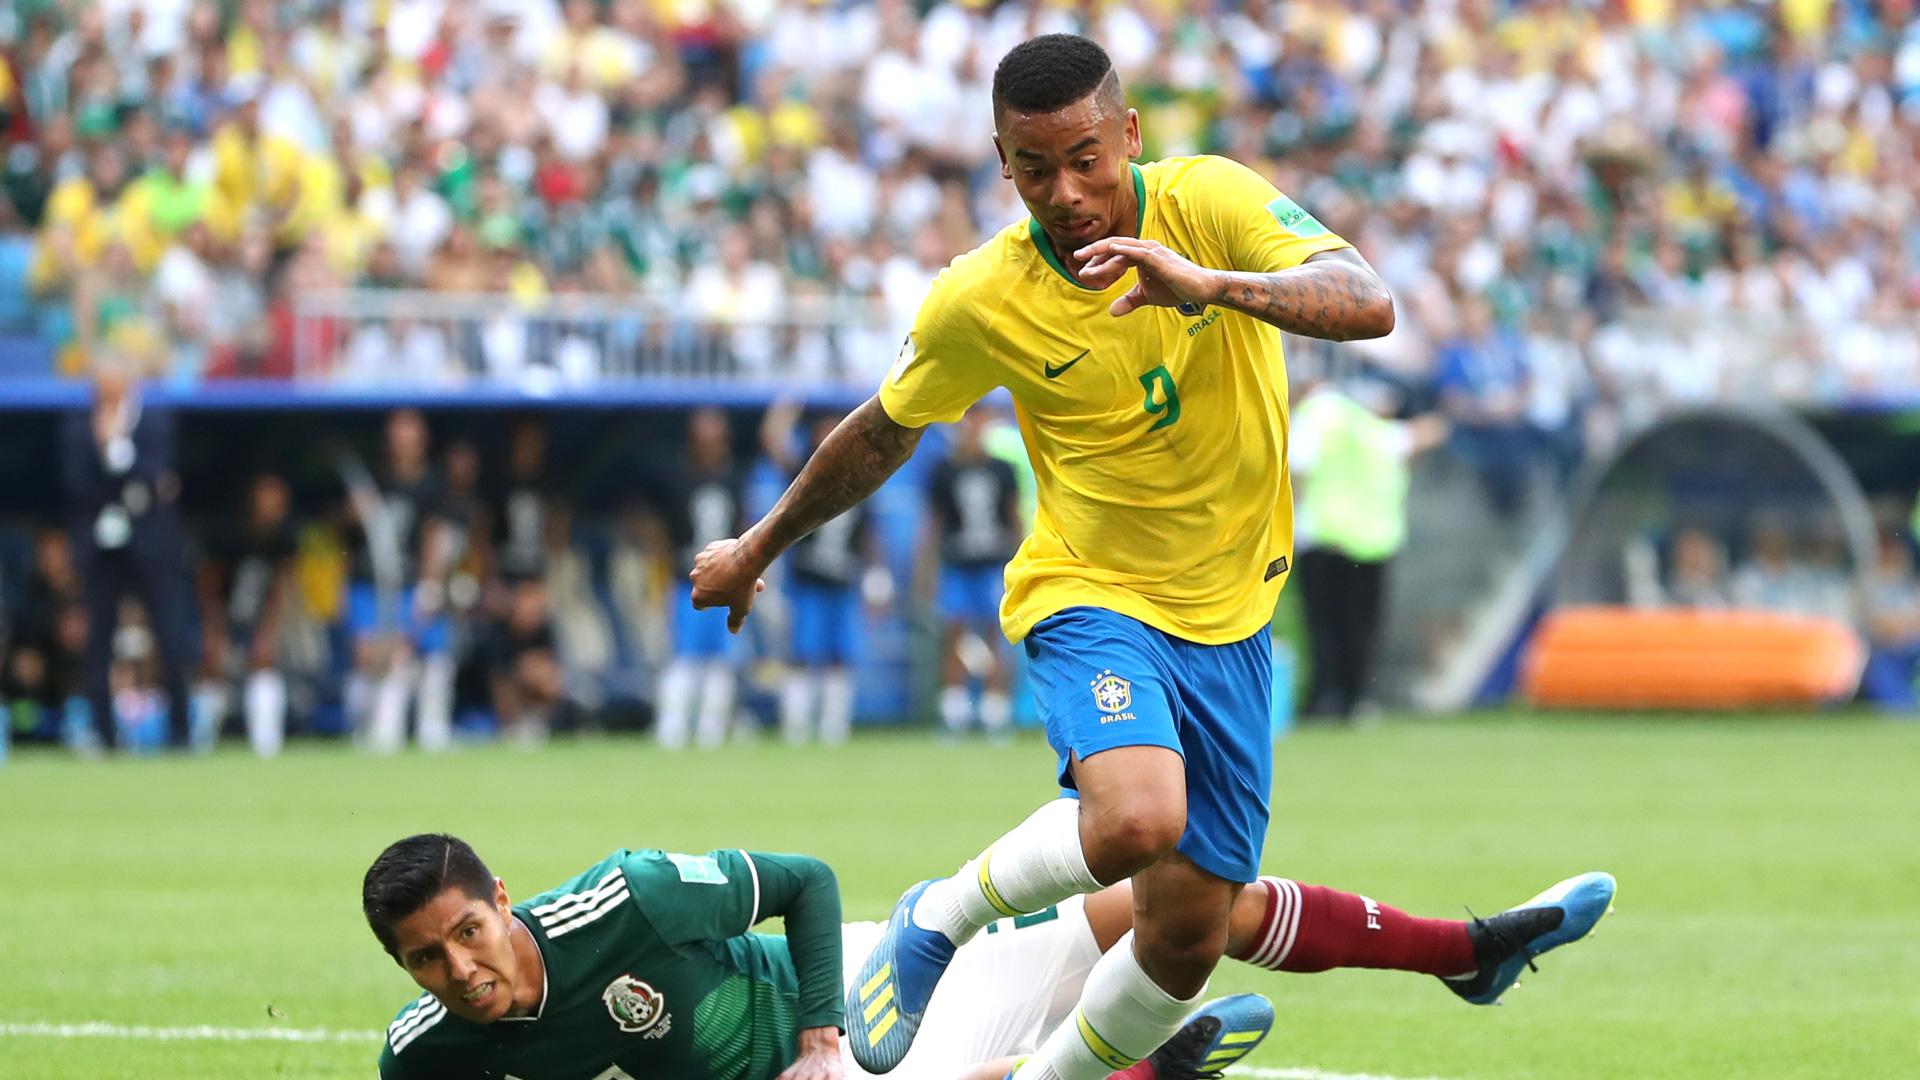 Gabirel Jesus Brasilien 02072018